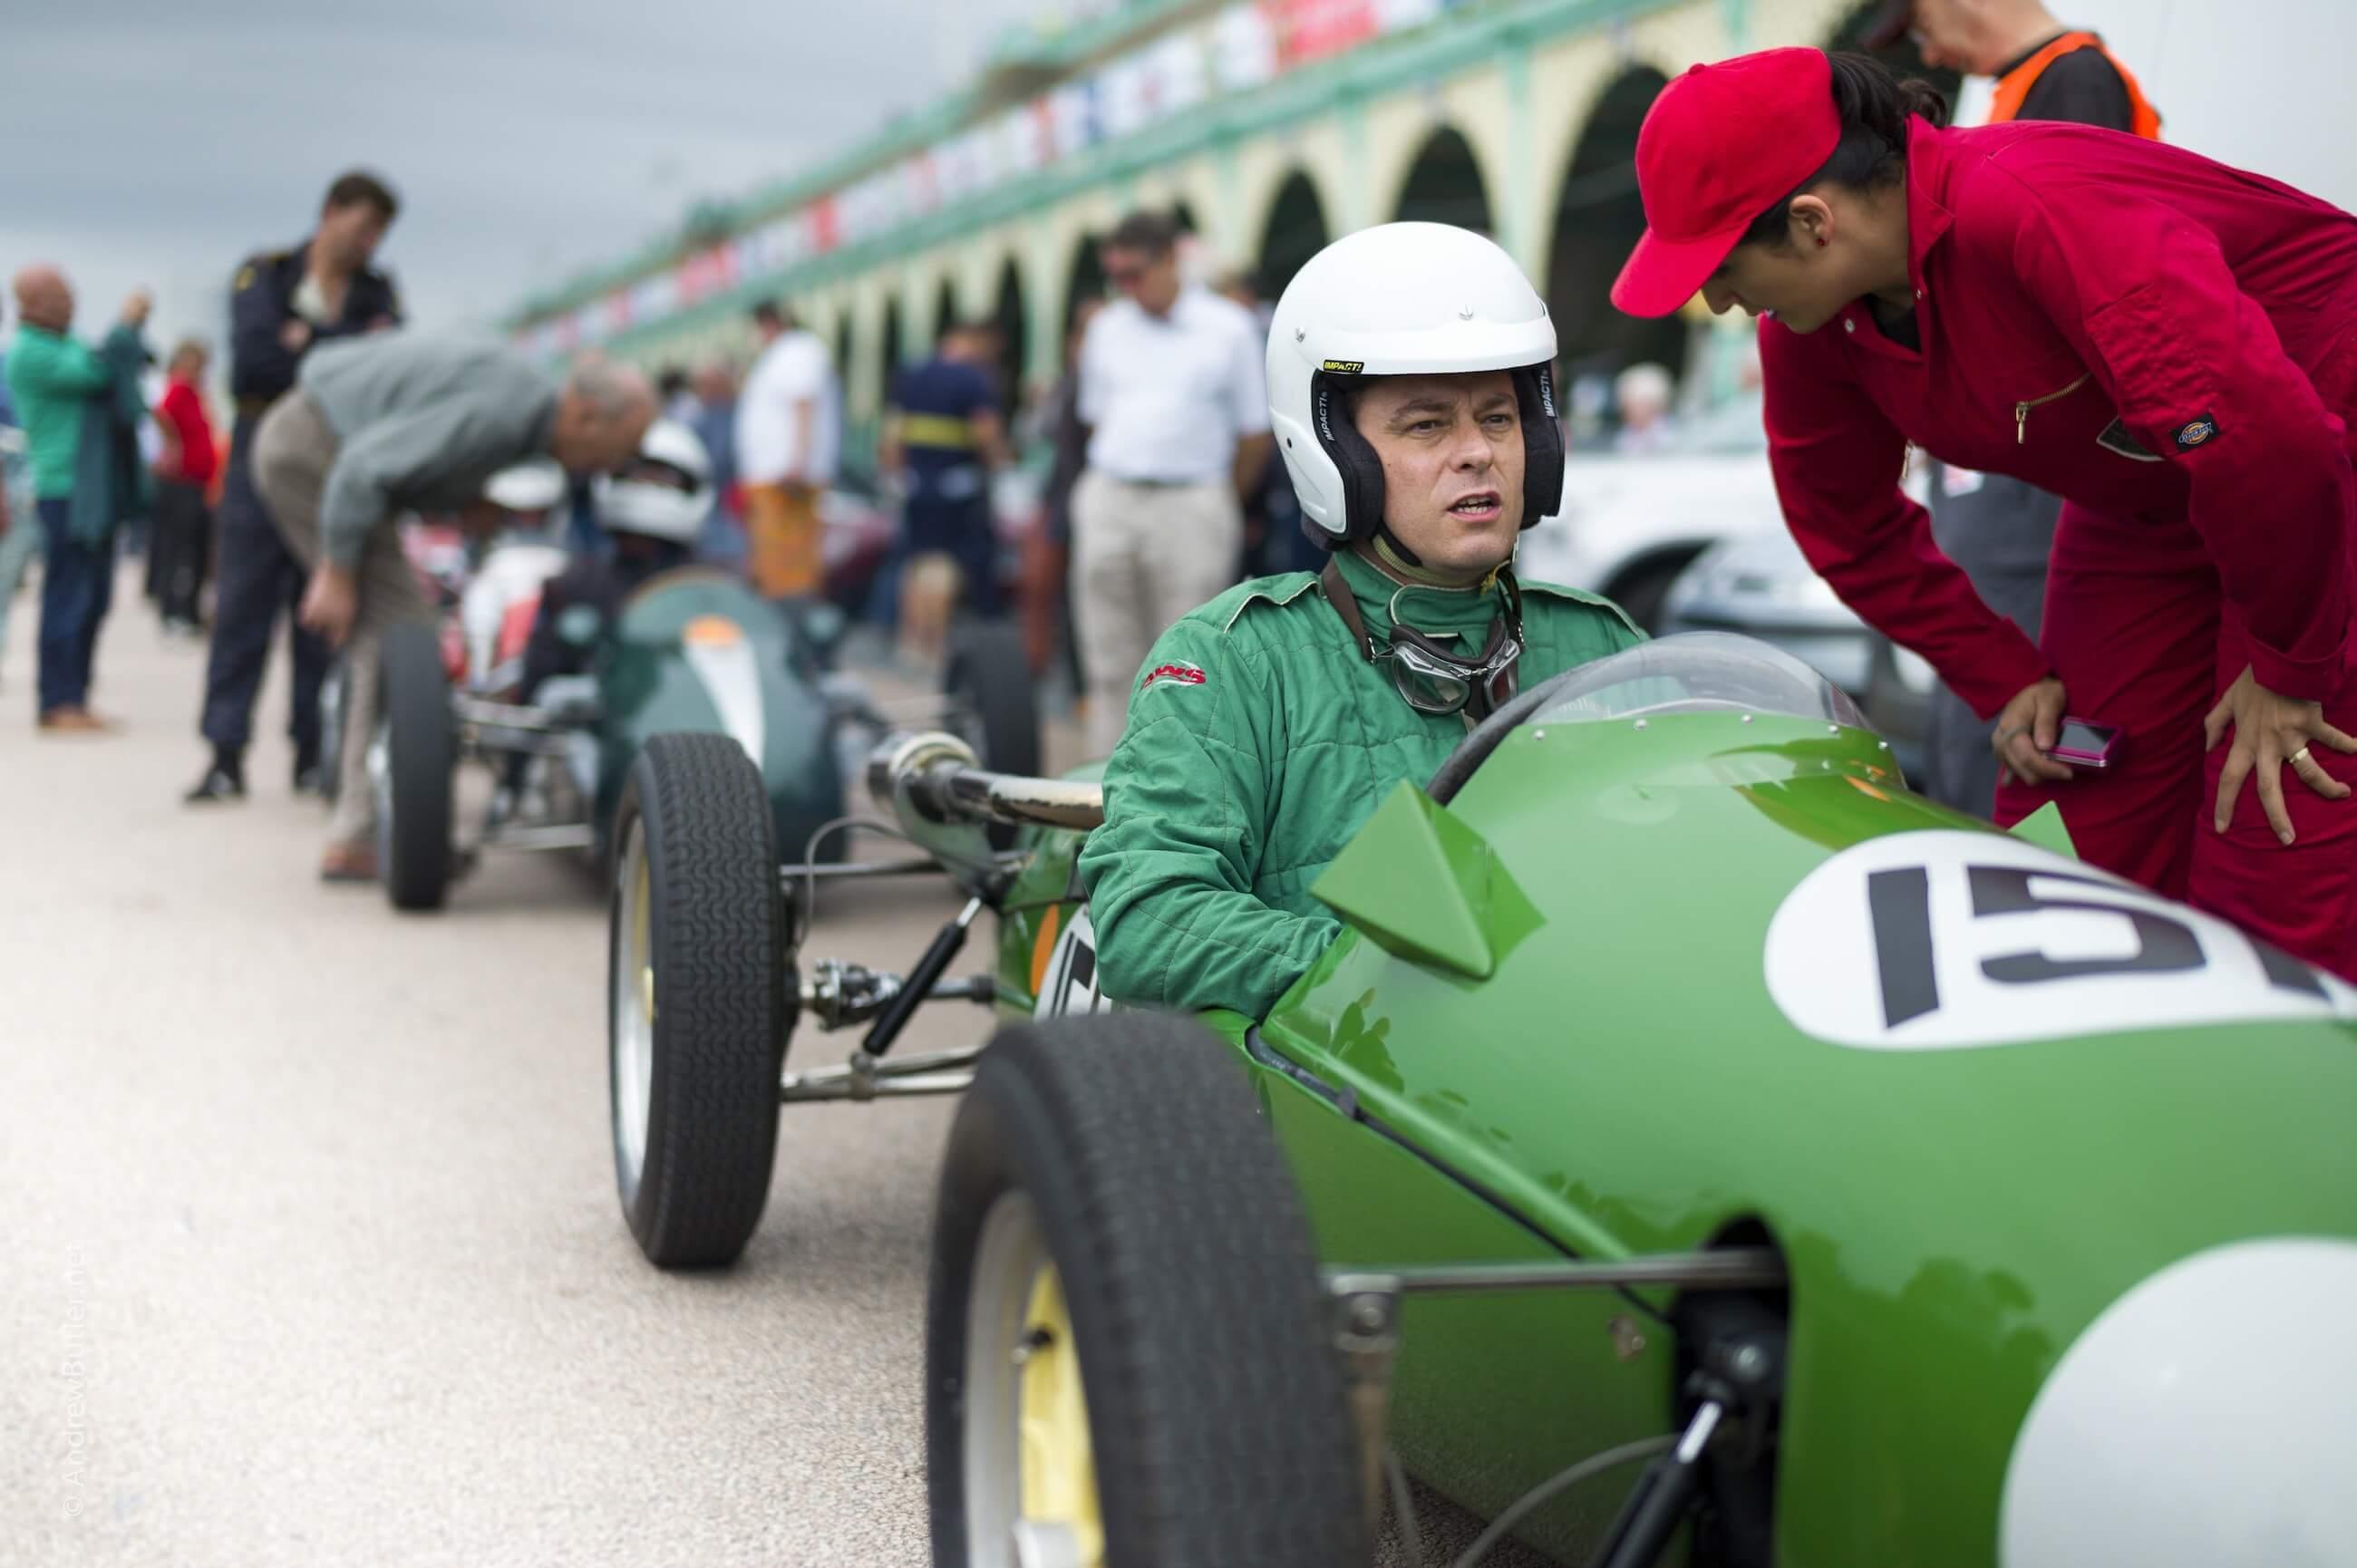 Cooper at Brighton Speed Trials